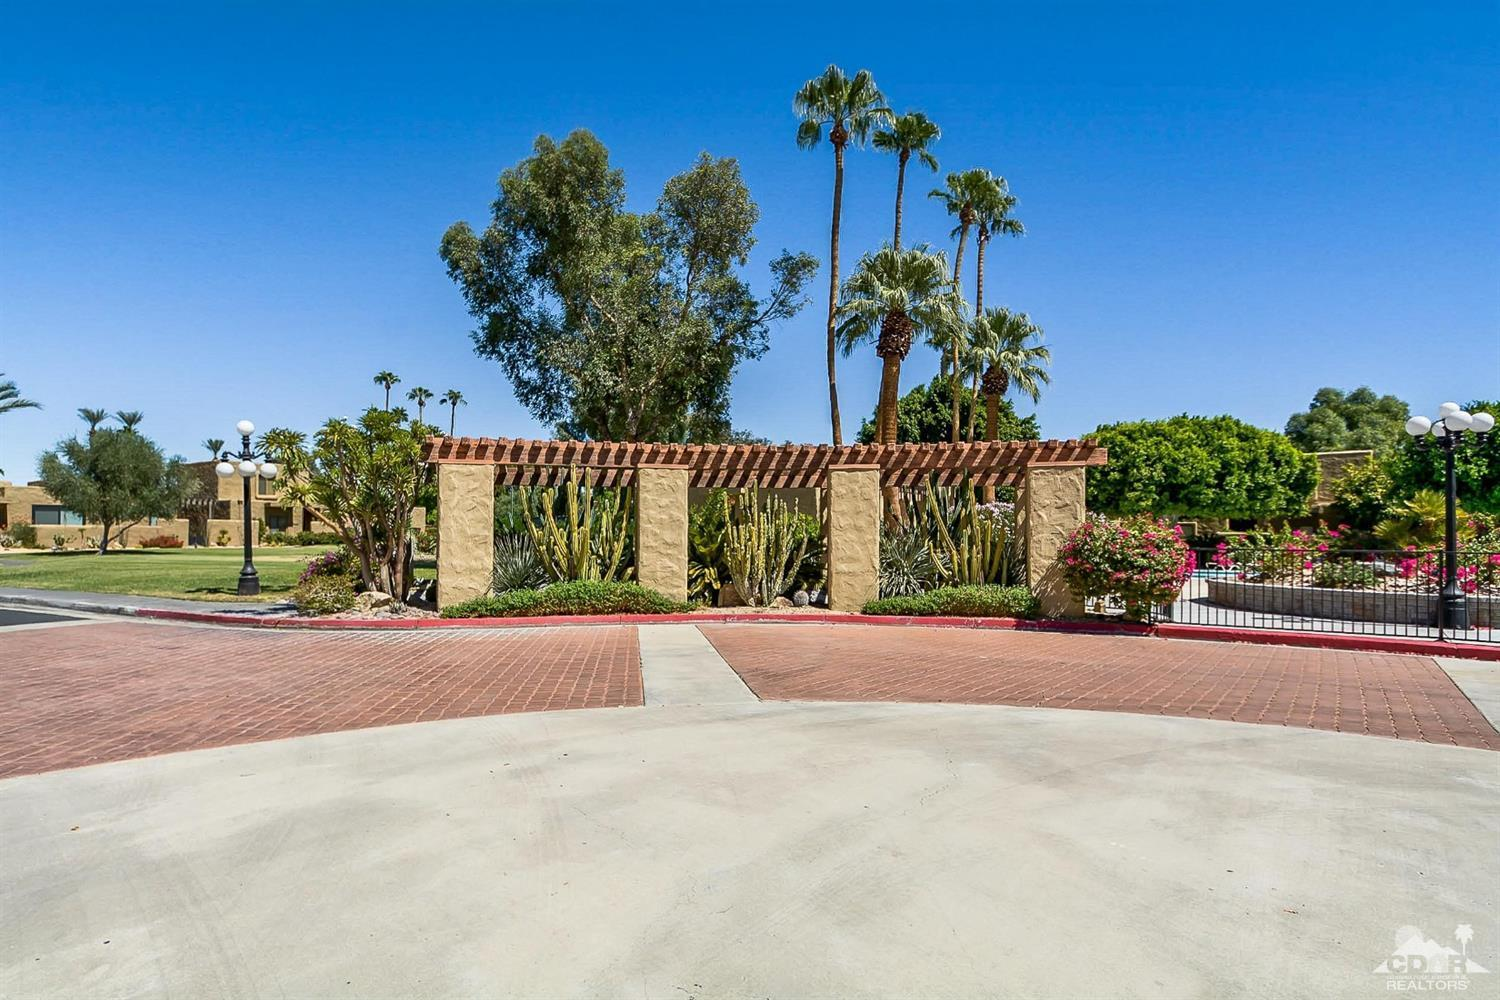 4760 N Winners Circle, Palm Springs, California 92264, 2 Bedrooms Bedrooms, ,2 BathroomsBathrooms,Residential,Sold,4760 N Winners Circle,218026072